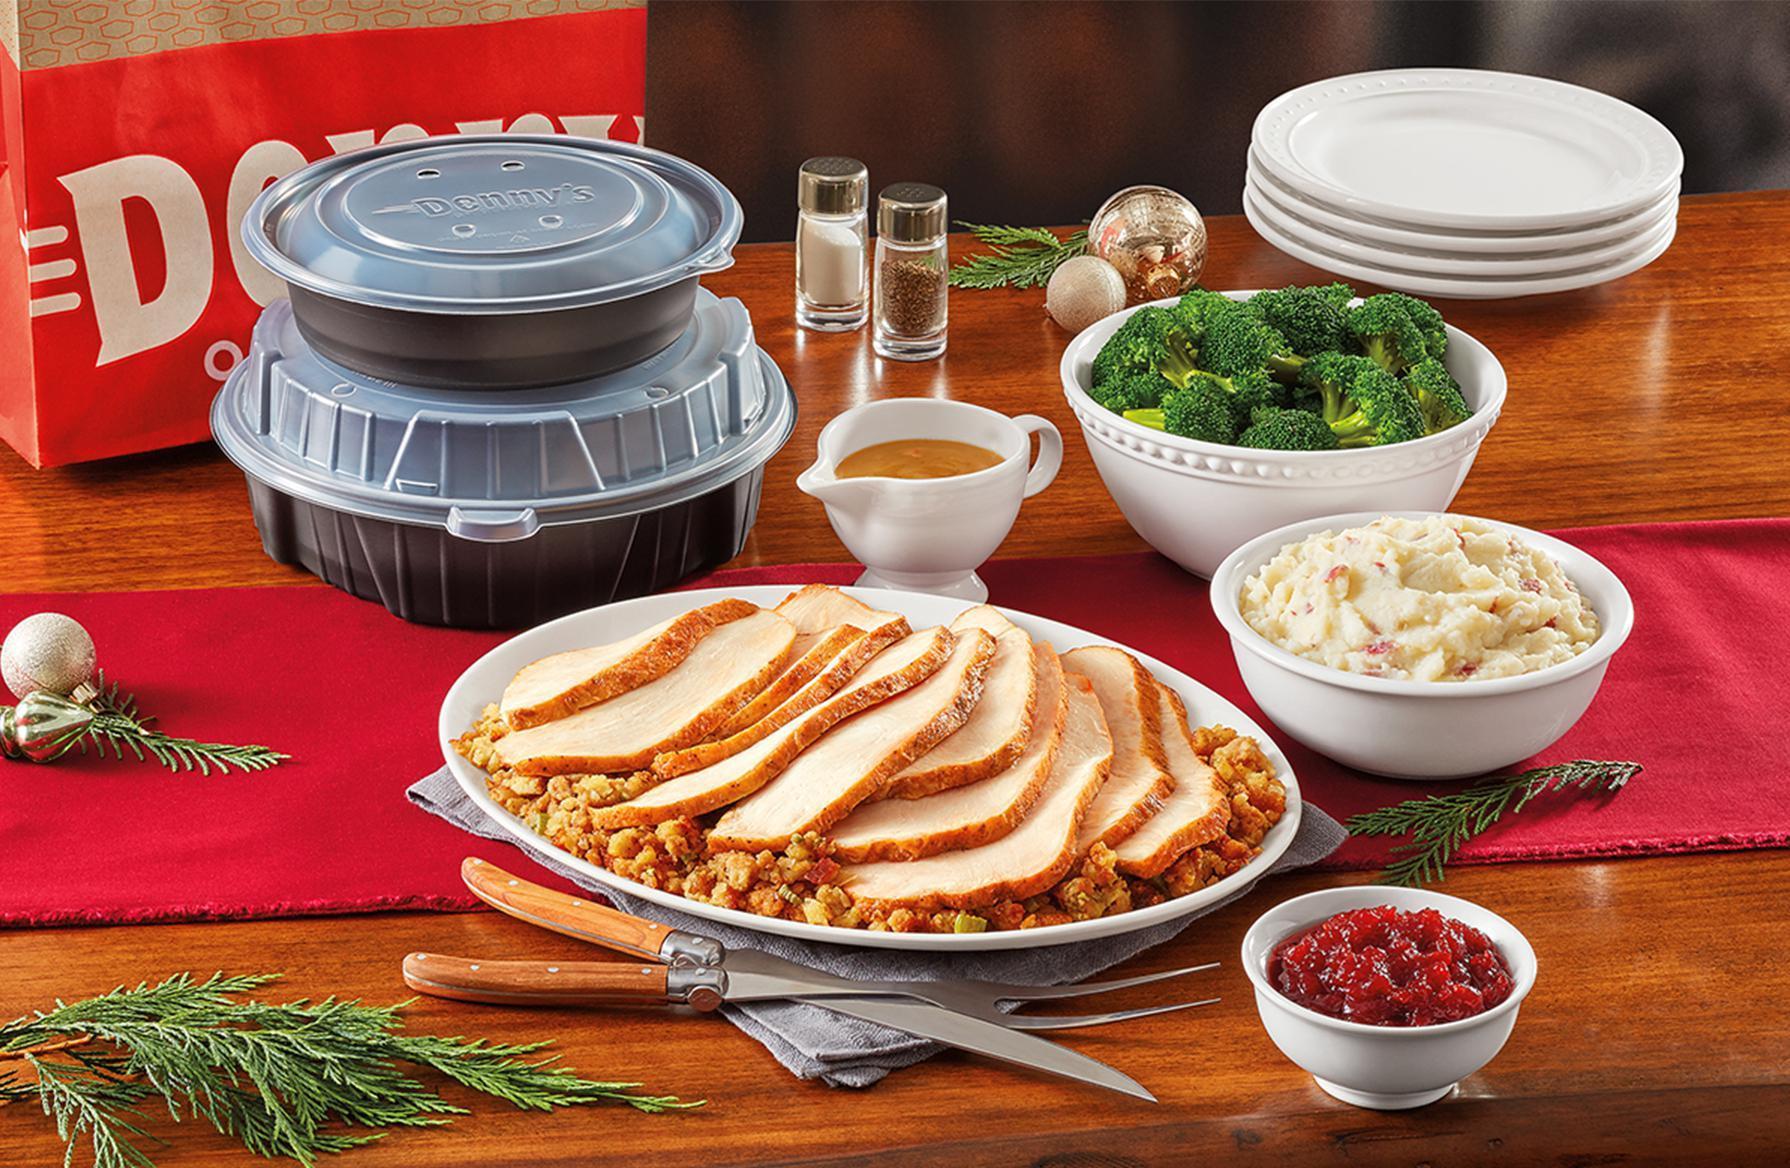 Thanksgiving Dinner Restaurant  19 Chain Restaurants Serving Thanksgiving Dinner Gallery